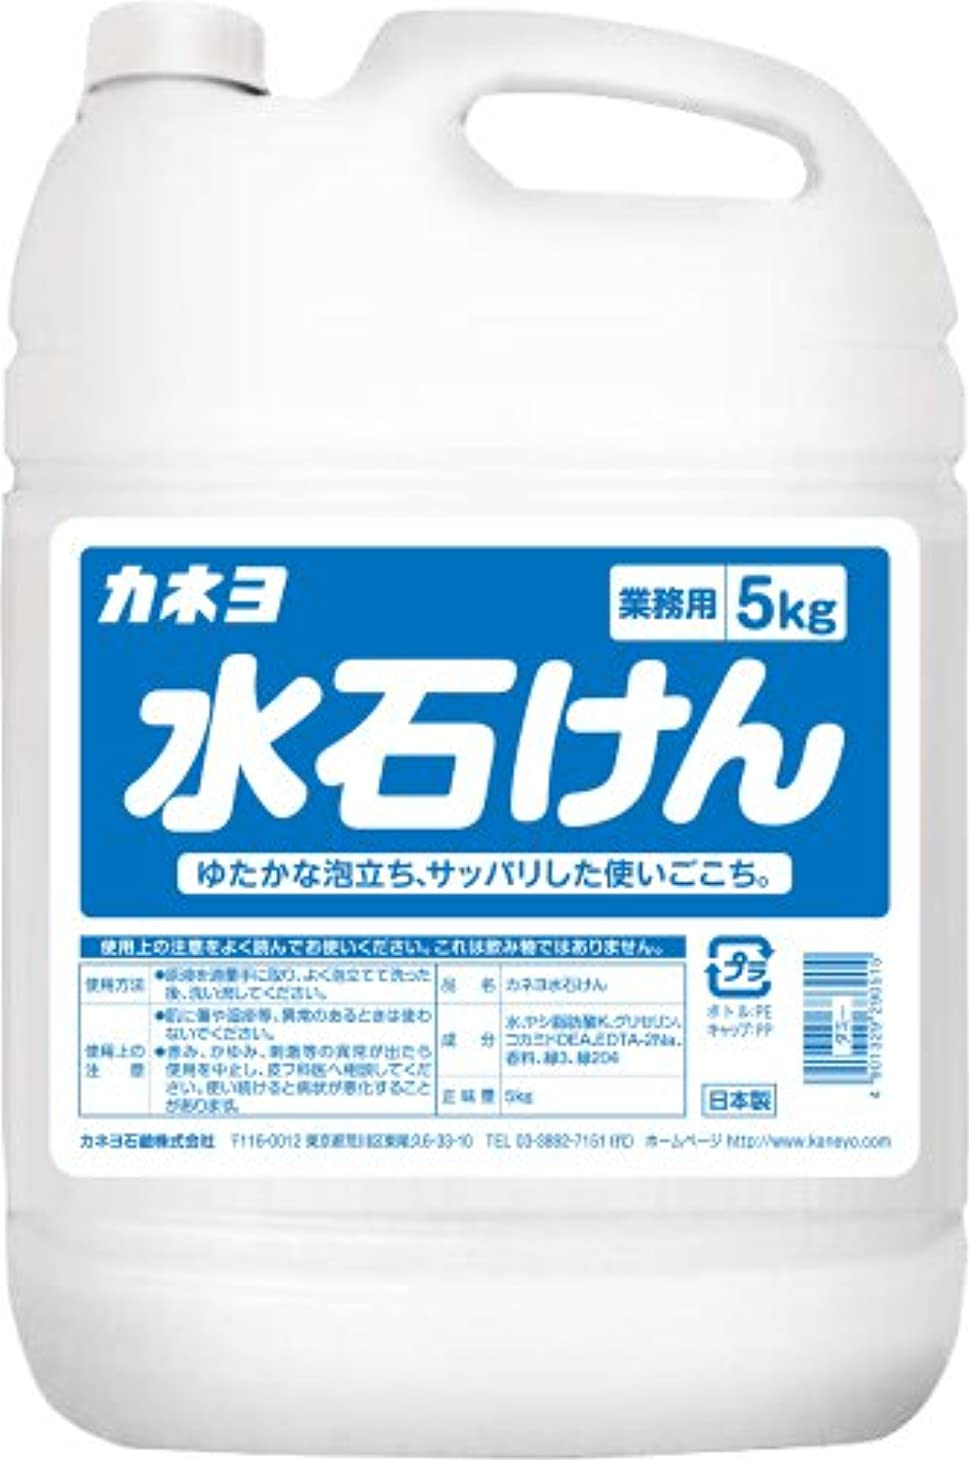 【大容量】 カネヨ石鹸 ハンドソープ 水石けん 液体 業務用 5kg